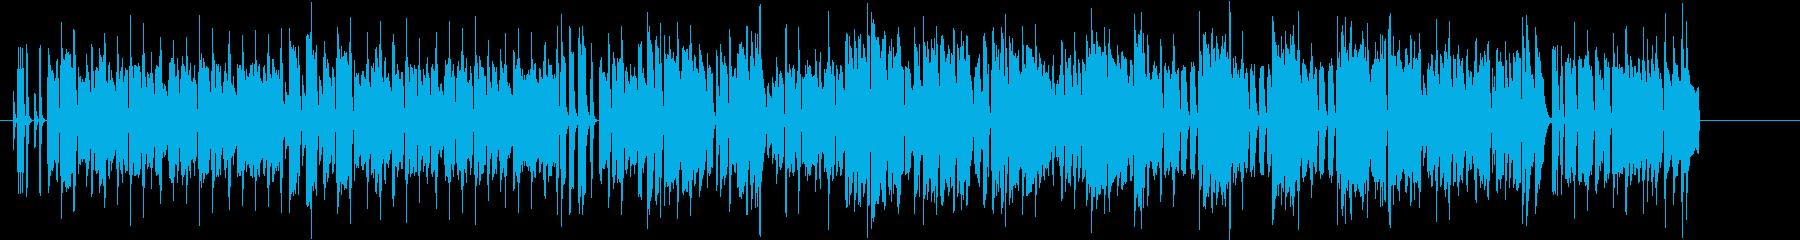 80年代ゲーム風・ポップなチップチューンの再生済みの波形